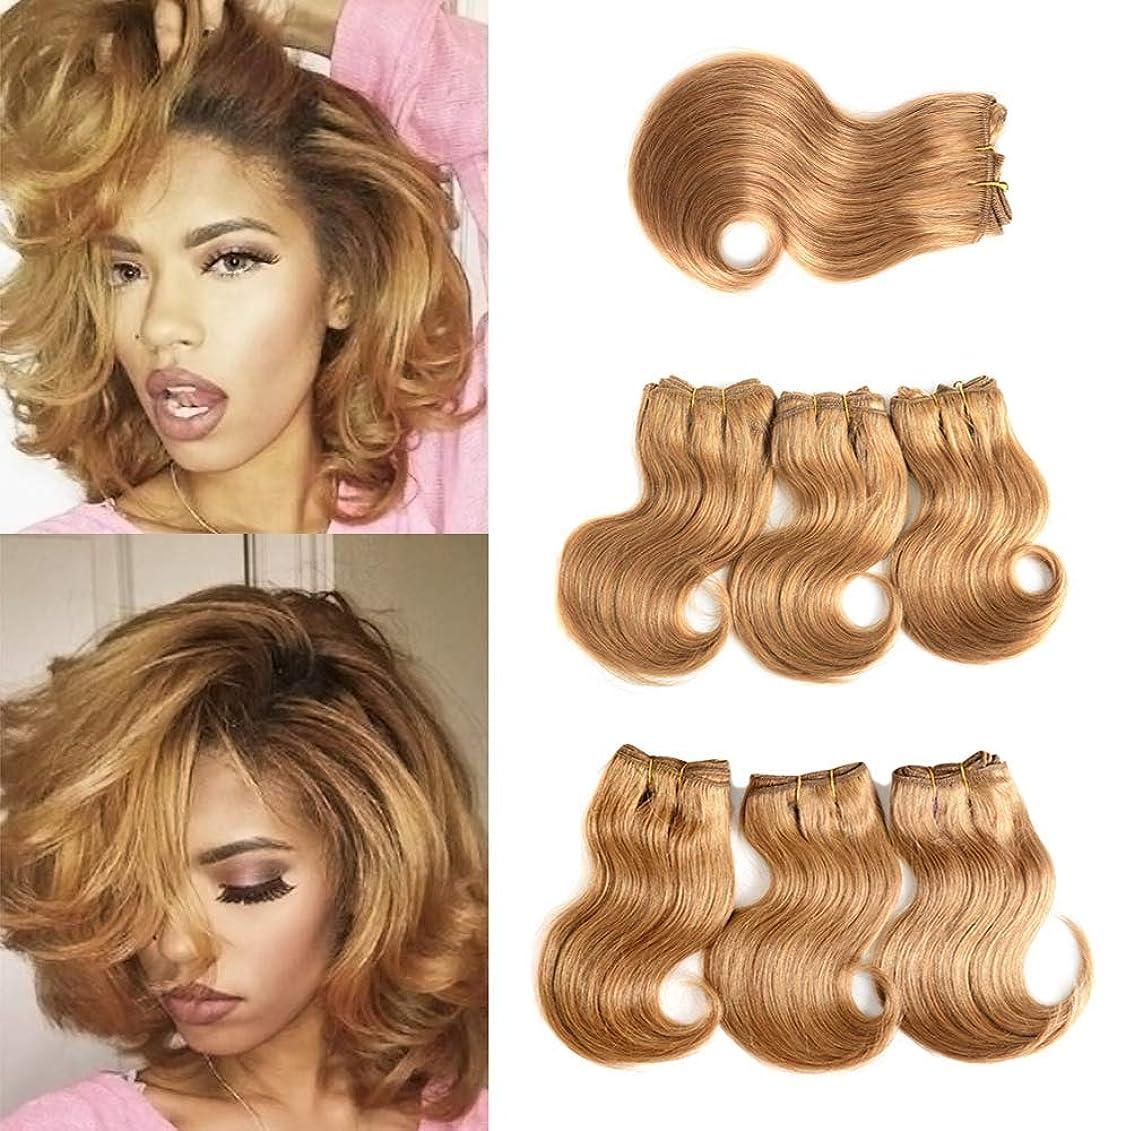 大腿取り消すサスティーン閉鎖とペルーの髪の束を編む女性の髪の毛の束人間の髪の毛の拡張子で縫うRemi人間の髪の毛8インチゴールド